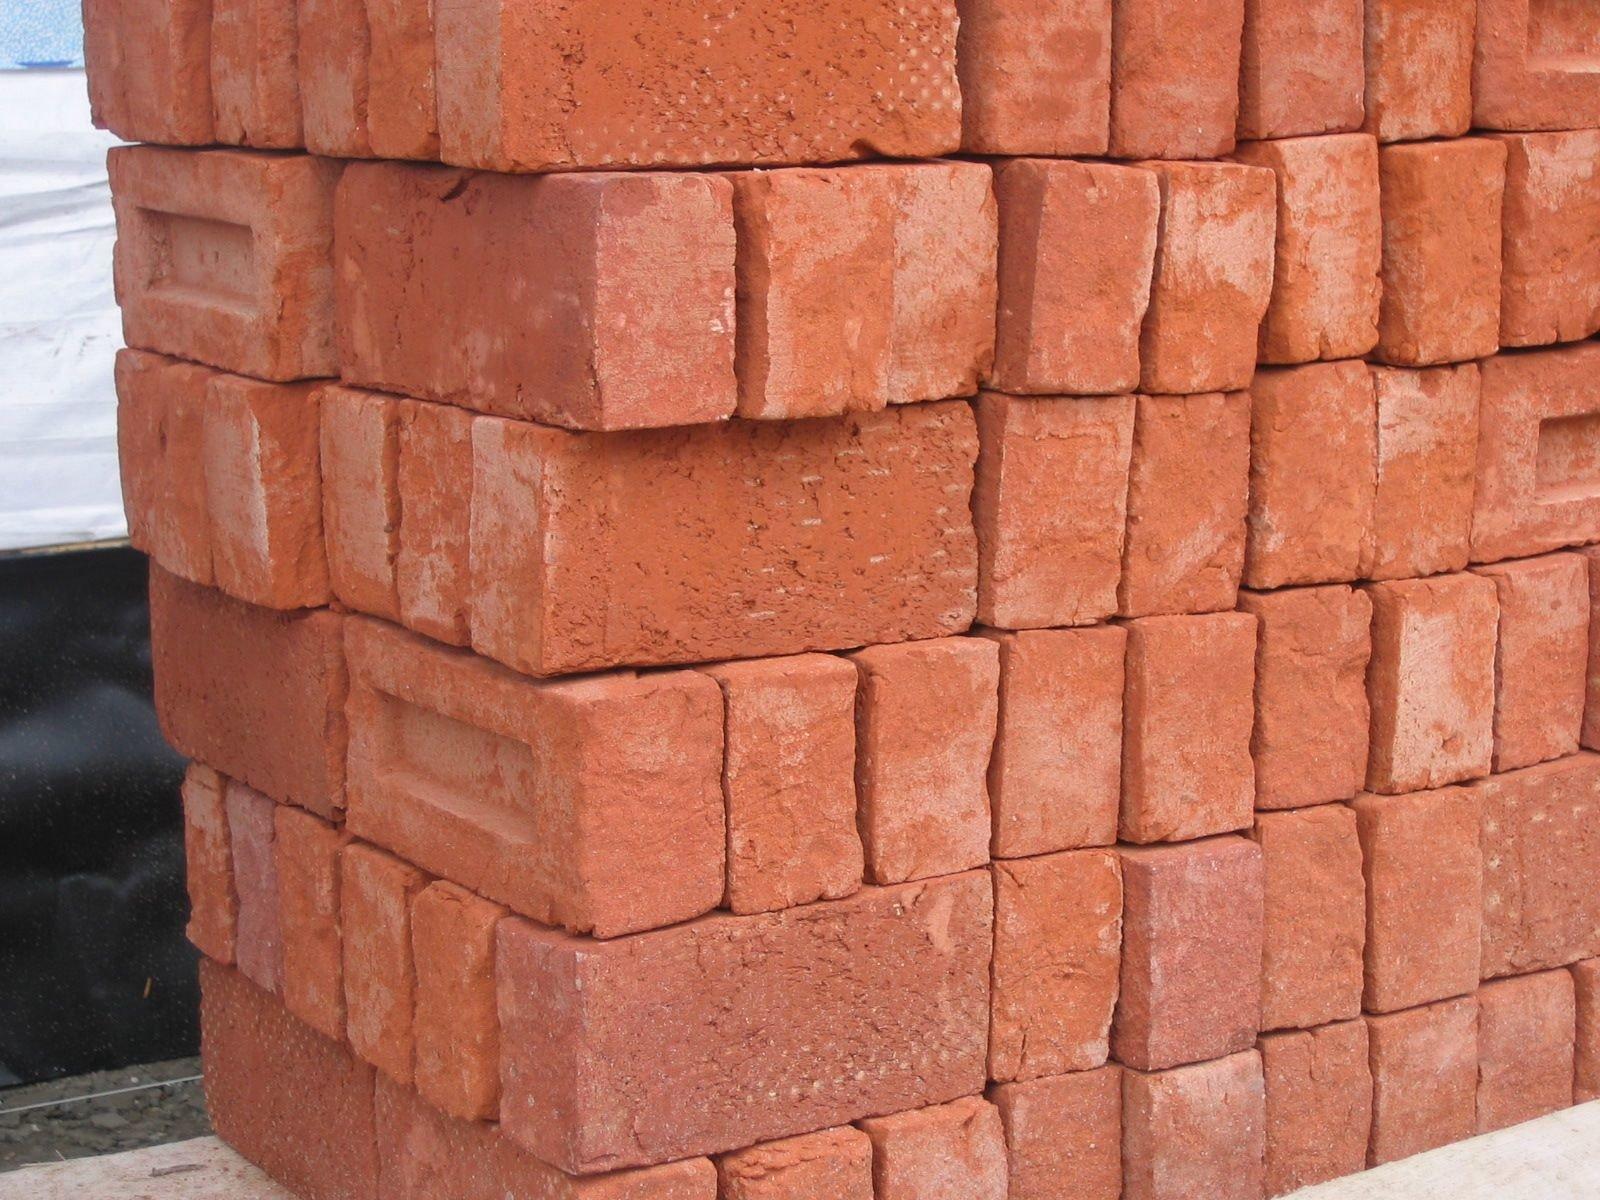 Häufig Mauerziegel   Mauerwerk   Mauersteine   Baunetz_Wissen SE47